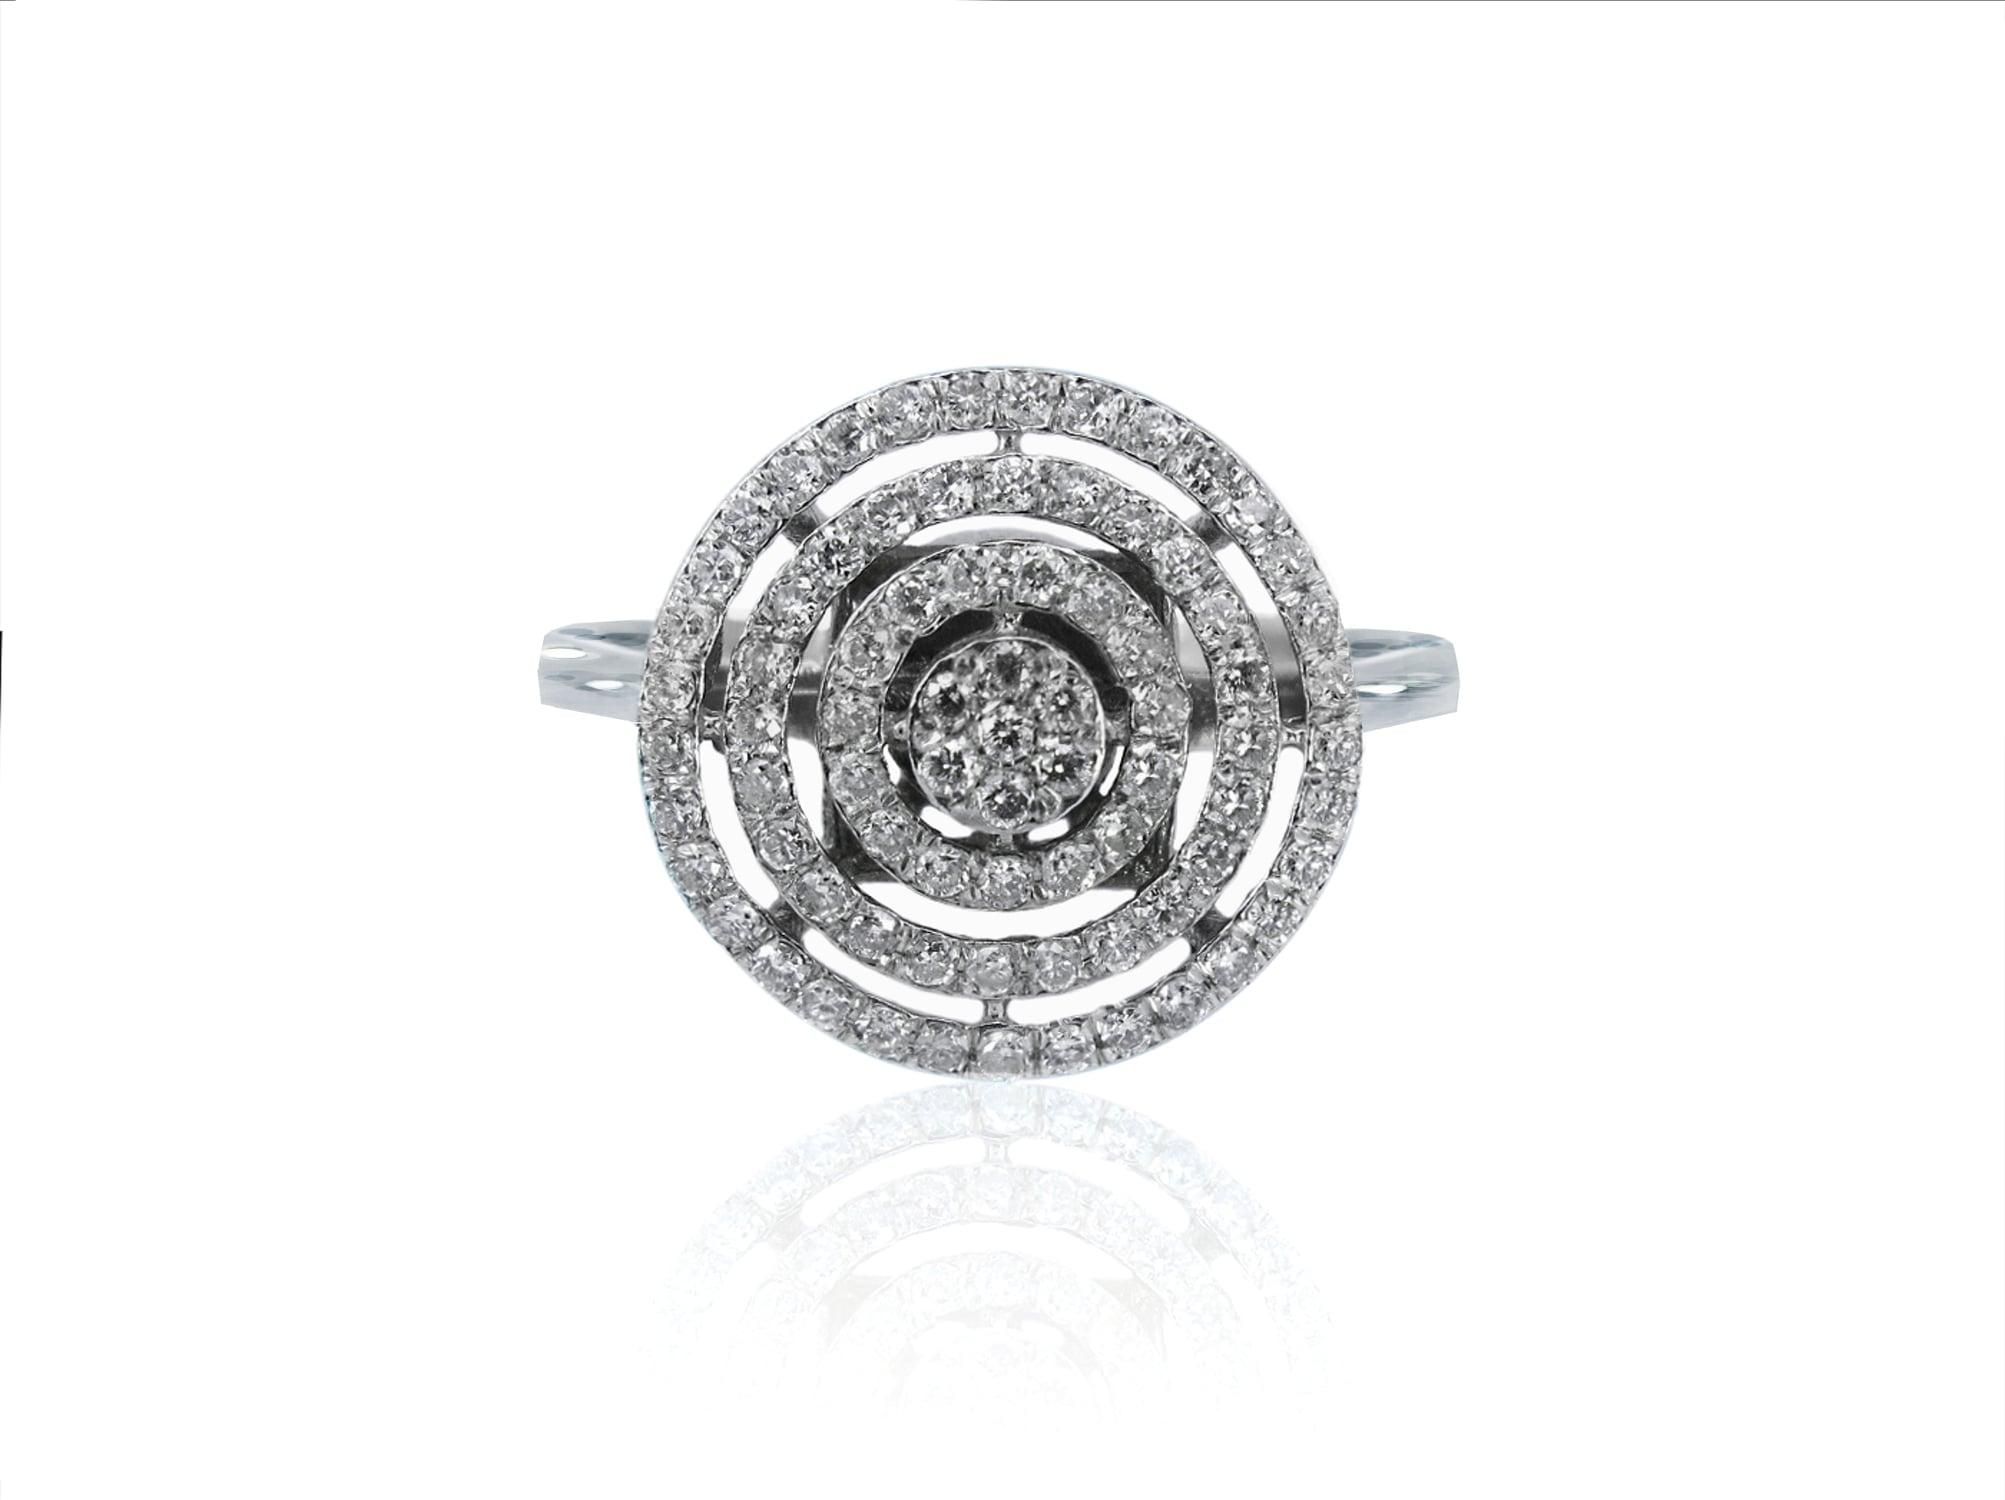 טבעת זהב 14 קרט משובצת יהלומים 0.65 קראט